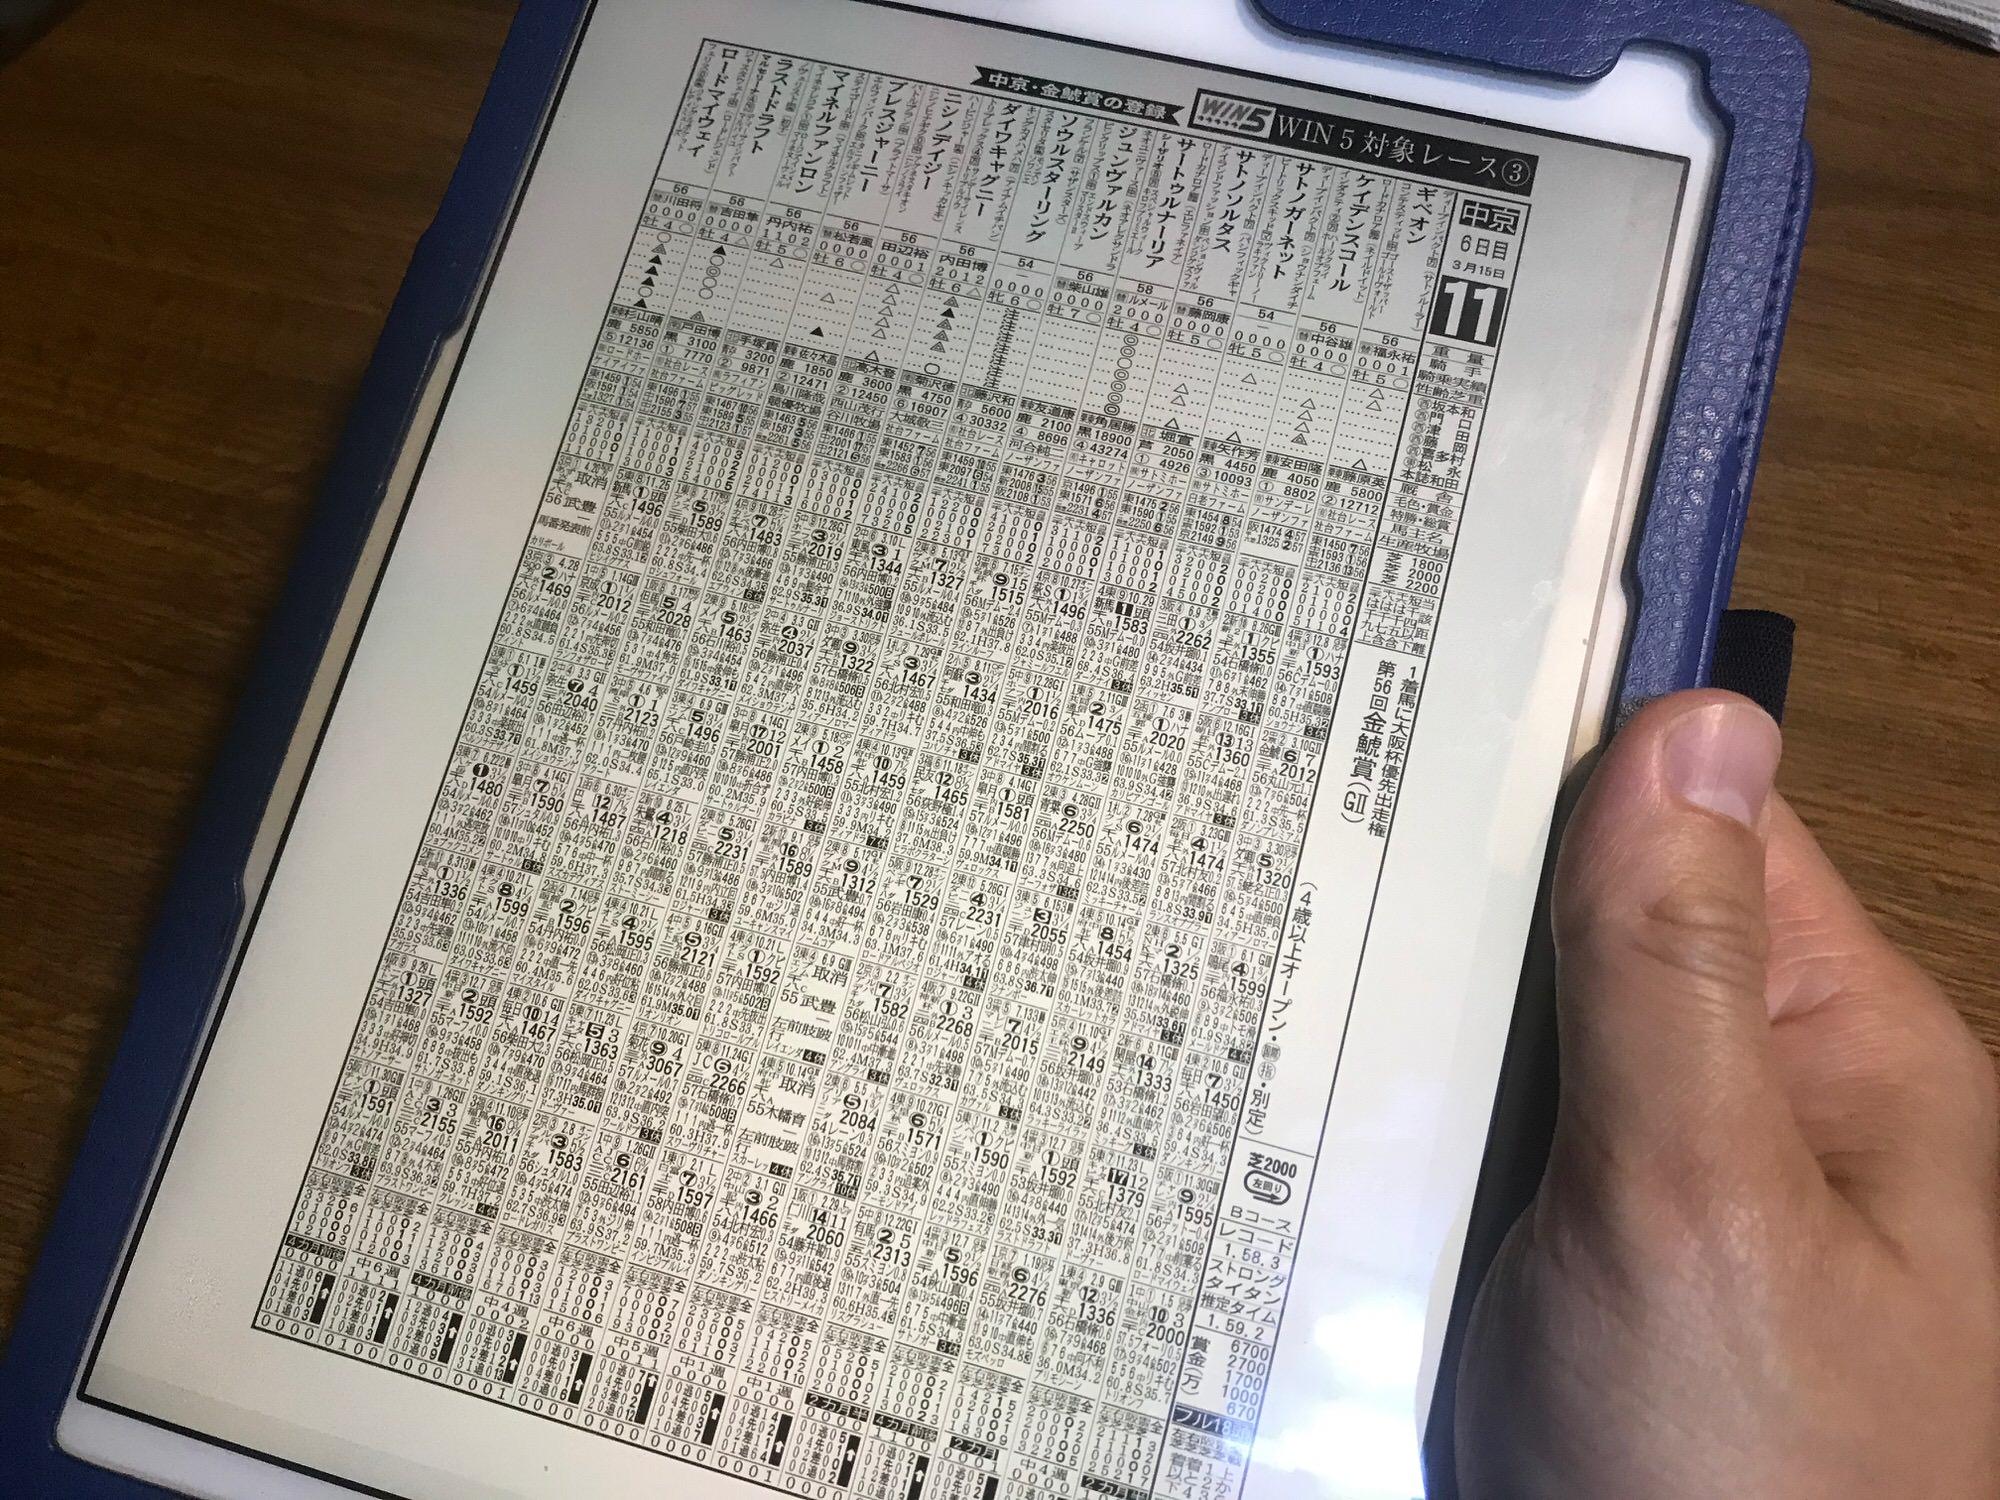 週刊ギャロップを電子書籍で読む!出馬表も見やすくおすすめ!